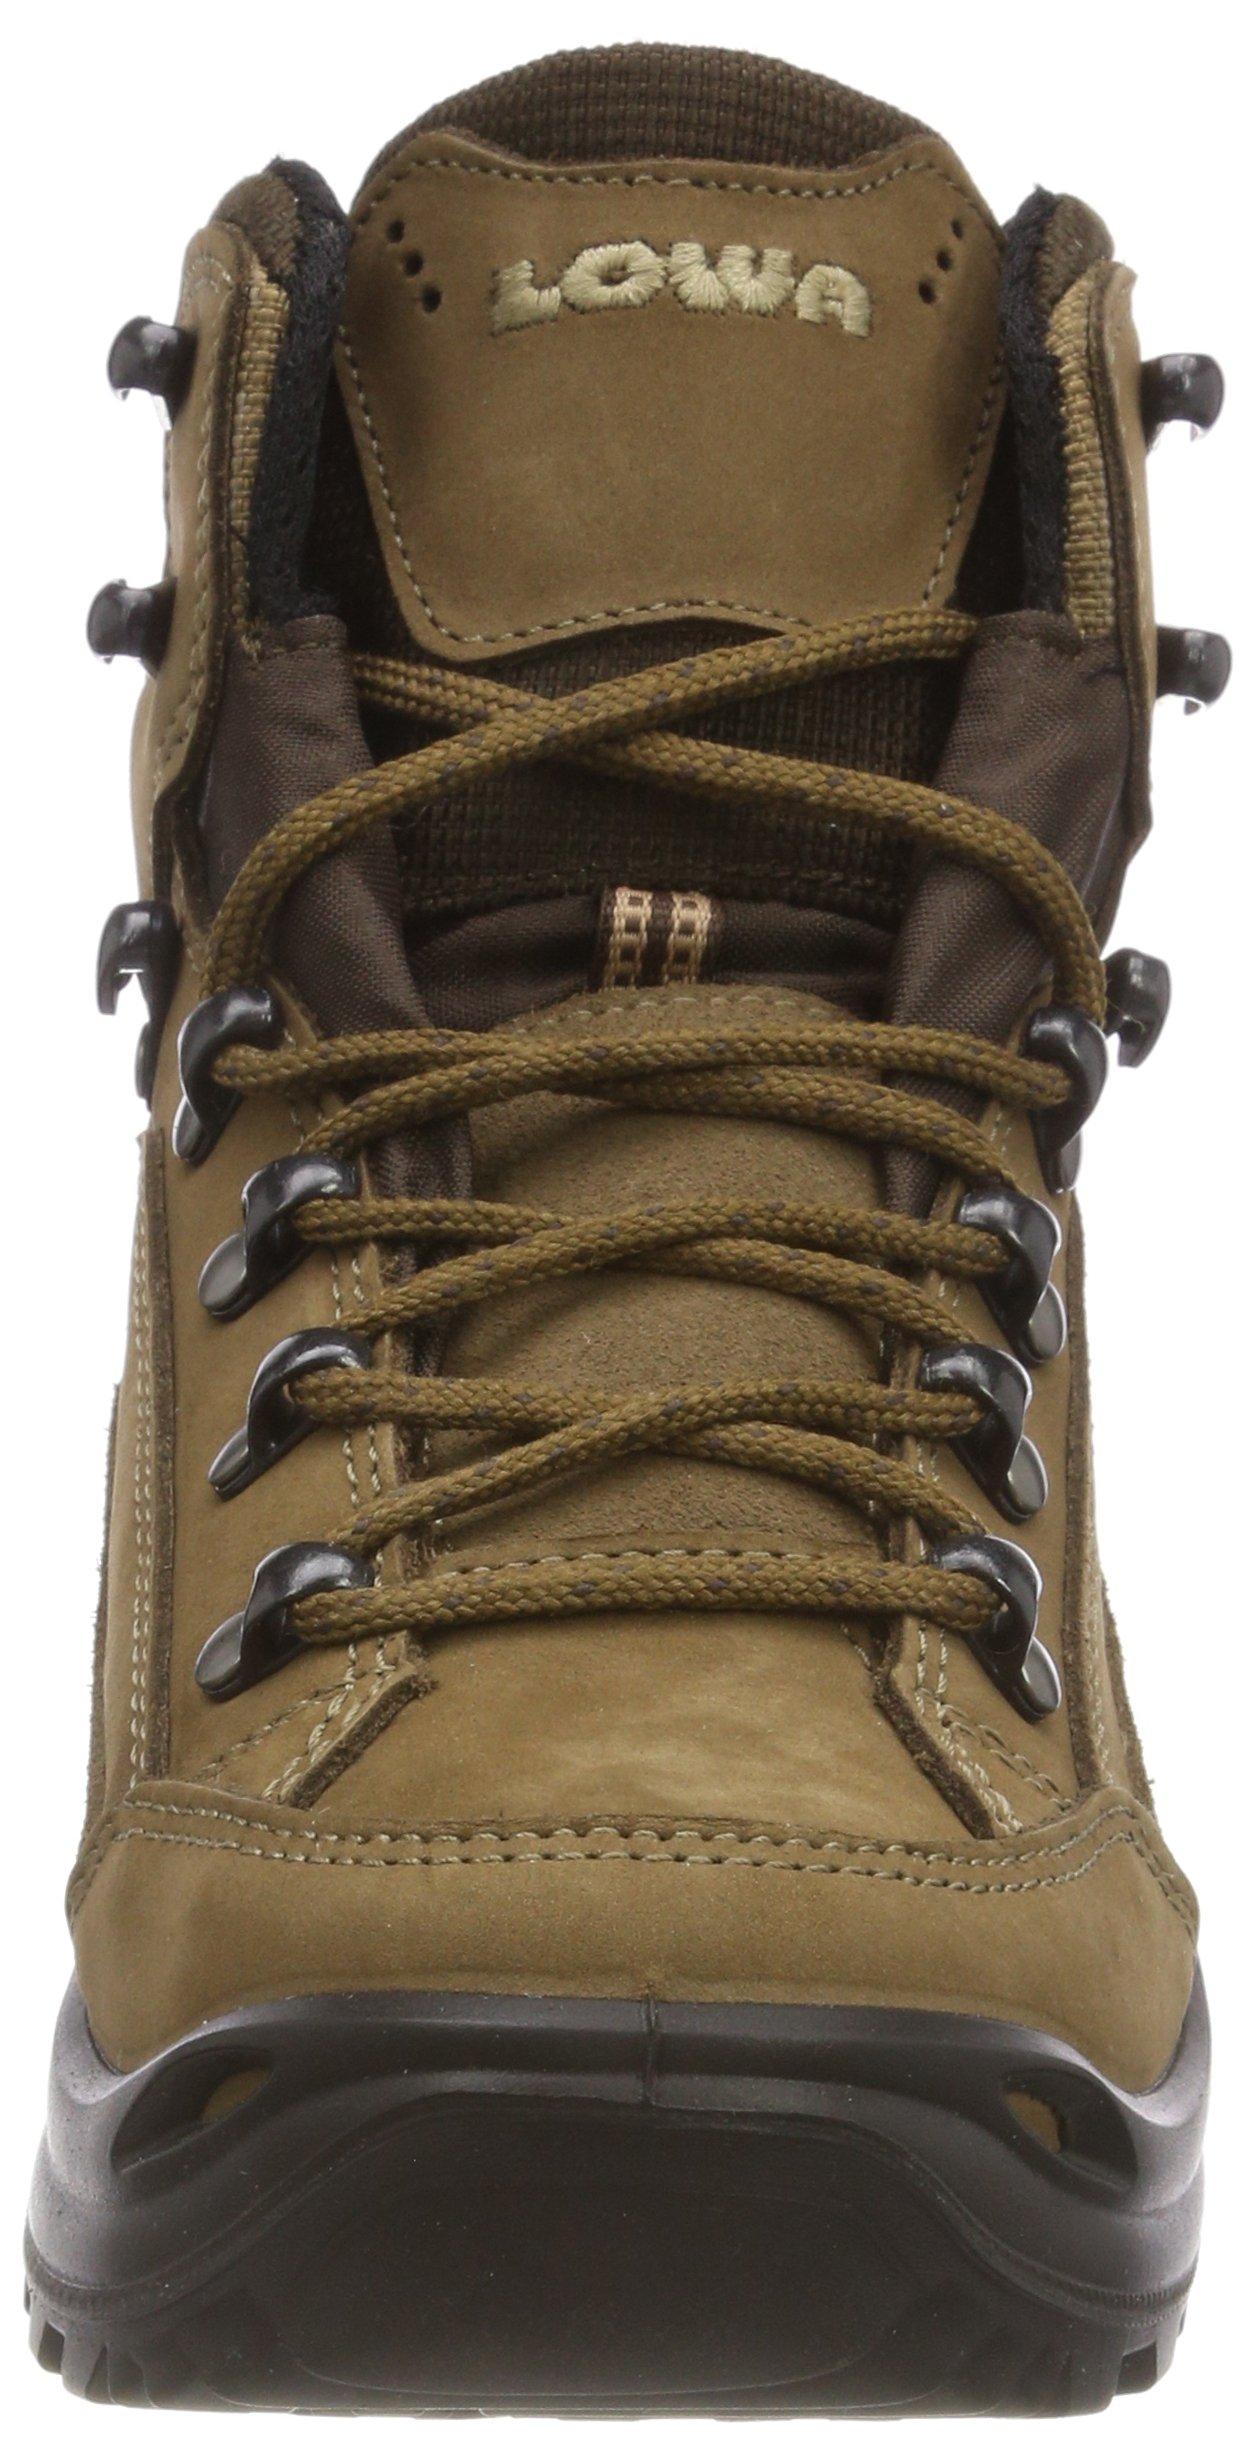 81Un7KwjnlL - Lowa RENAGADE GTX MID Ws 320945/9768 Unisex-Adult Hiking Boot